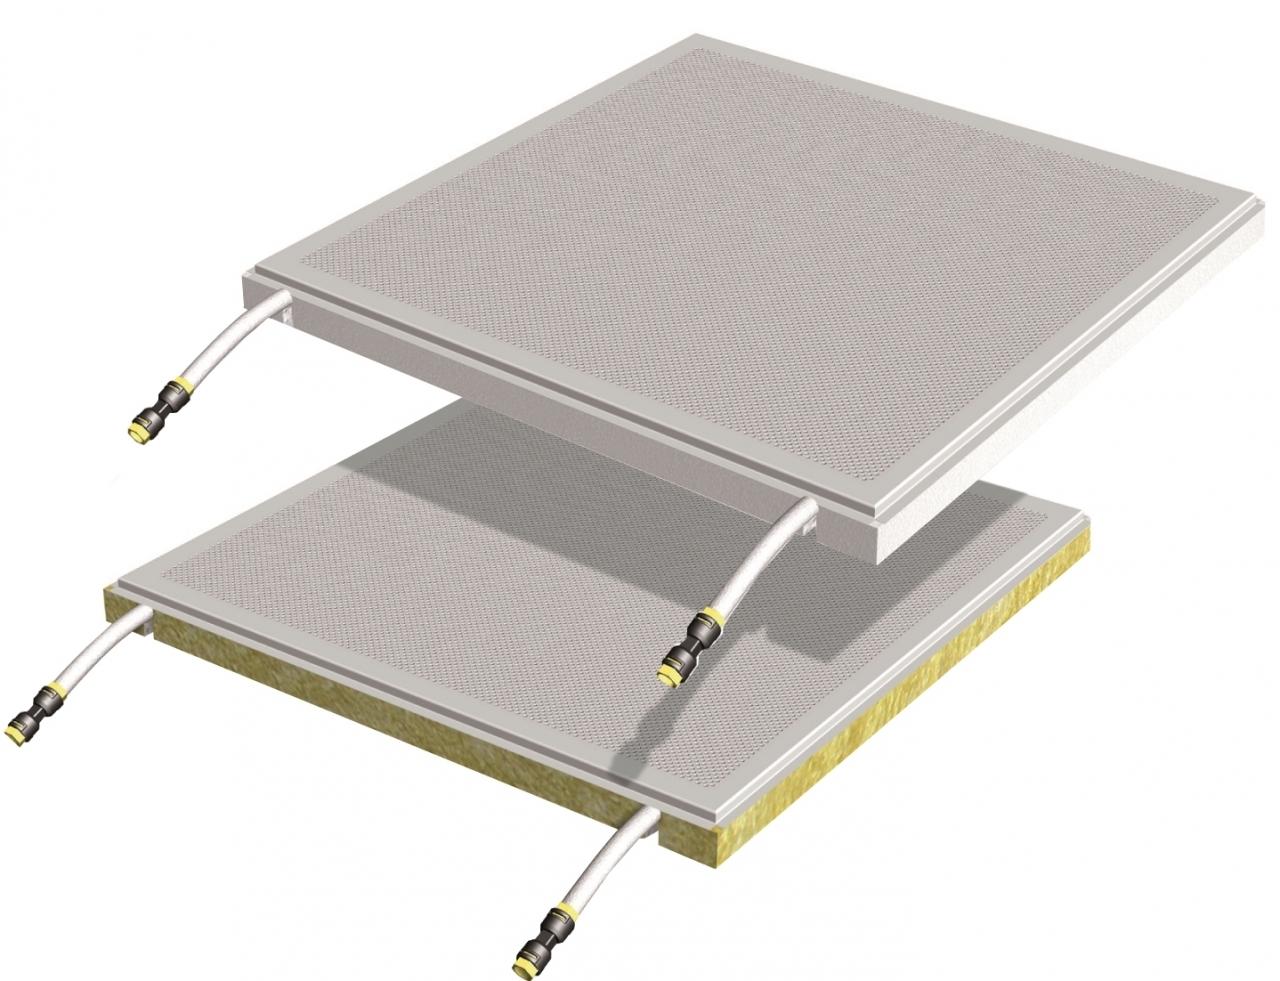 •Quadrotti radianti metallici b!klimax+ 600x600 e 1200x600 - b!klimax+ Quadrotti è un sistema per il riscaldamento e raffrescamento a soffitto, costituito da plafoni metallici su cui è fissata la tubazione in PB diam. 6 mm dotata di barriera antiossigeno. I quadrotti radianti sono disponibili con isolamento in polistirene stampato o in lana di roccia, sono di semplice e rapida installazione e possono essere rimossi per interventi di ispezione e manutenzione anche ad impianto funzionante. Grazie alla bassa inerzia termica, alle elevate prestazioni e alla capacità di mantenere gli ambienti salubri, il sistema è particolarmente indicato per il settore terziario, ospedaliero e RSA e per tutti gli edifici dove è indispensabile garantire una condizione di comfort in ogni stagione.